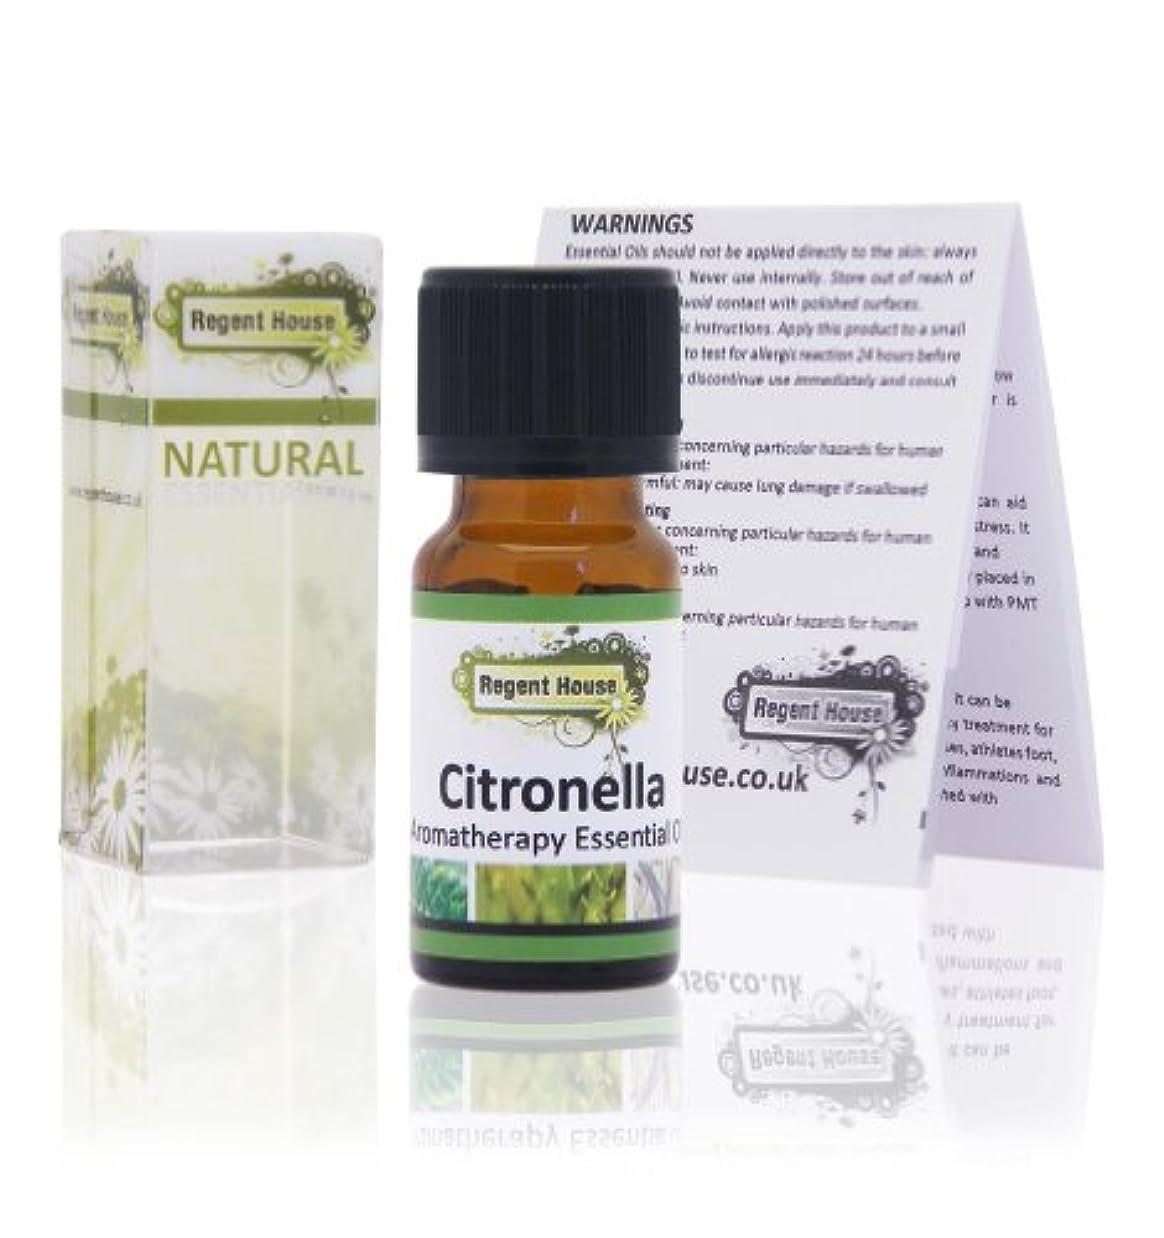 ナチュラルエッセンシャルオイル シトロネラ(Citronella)